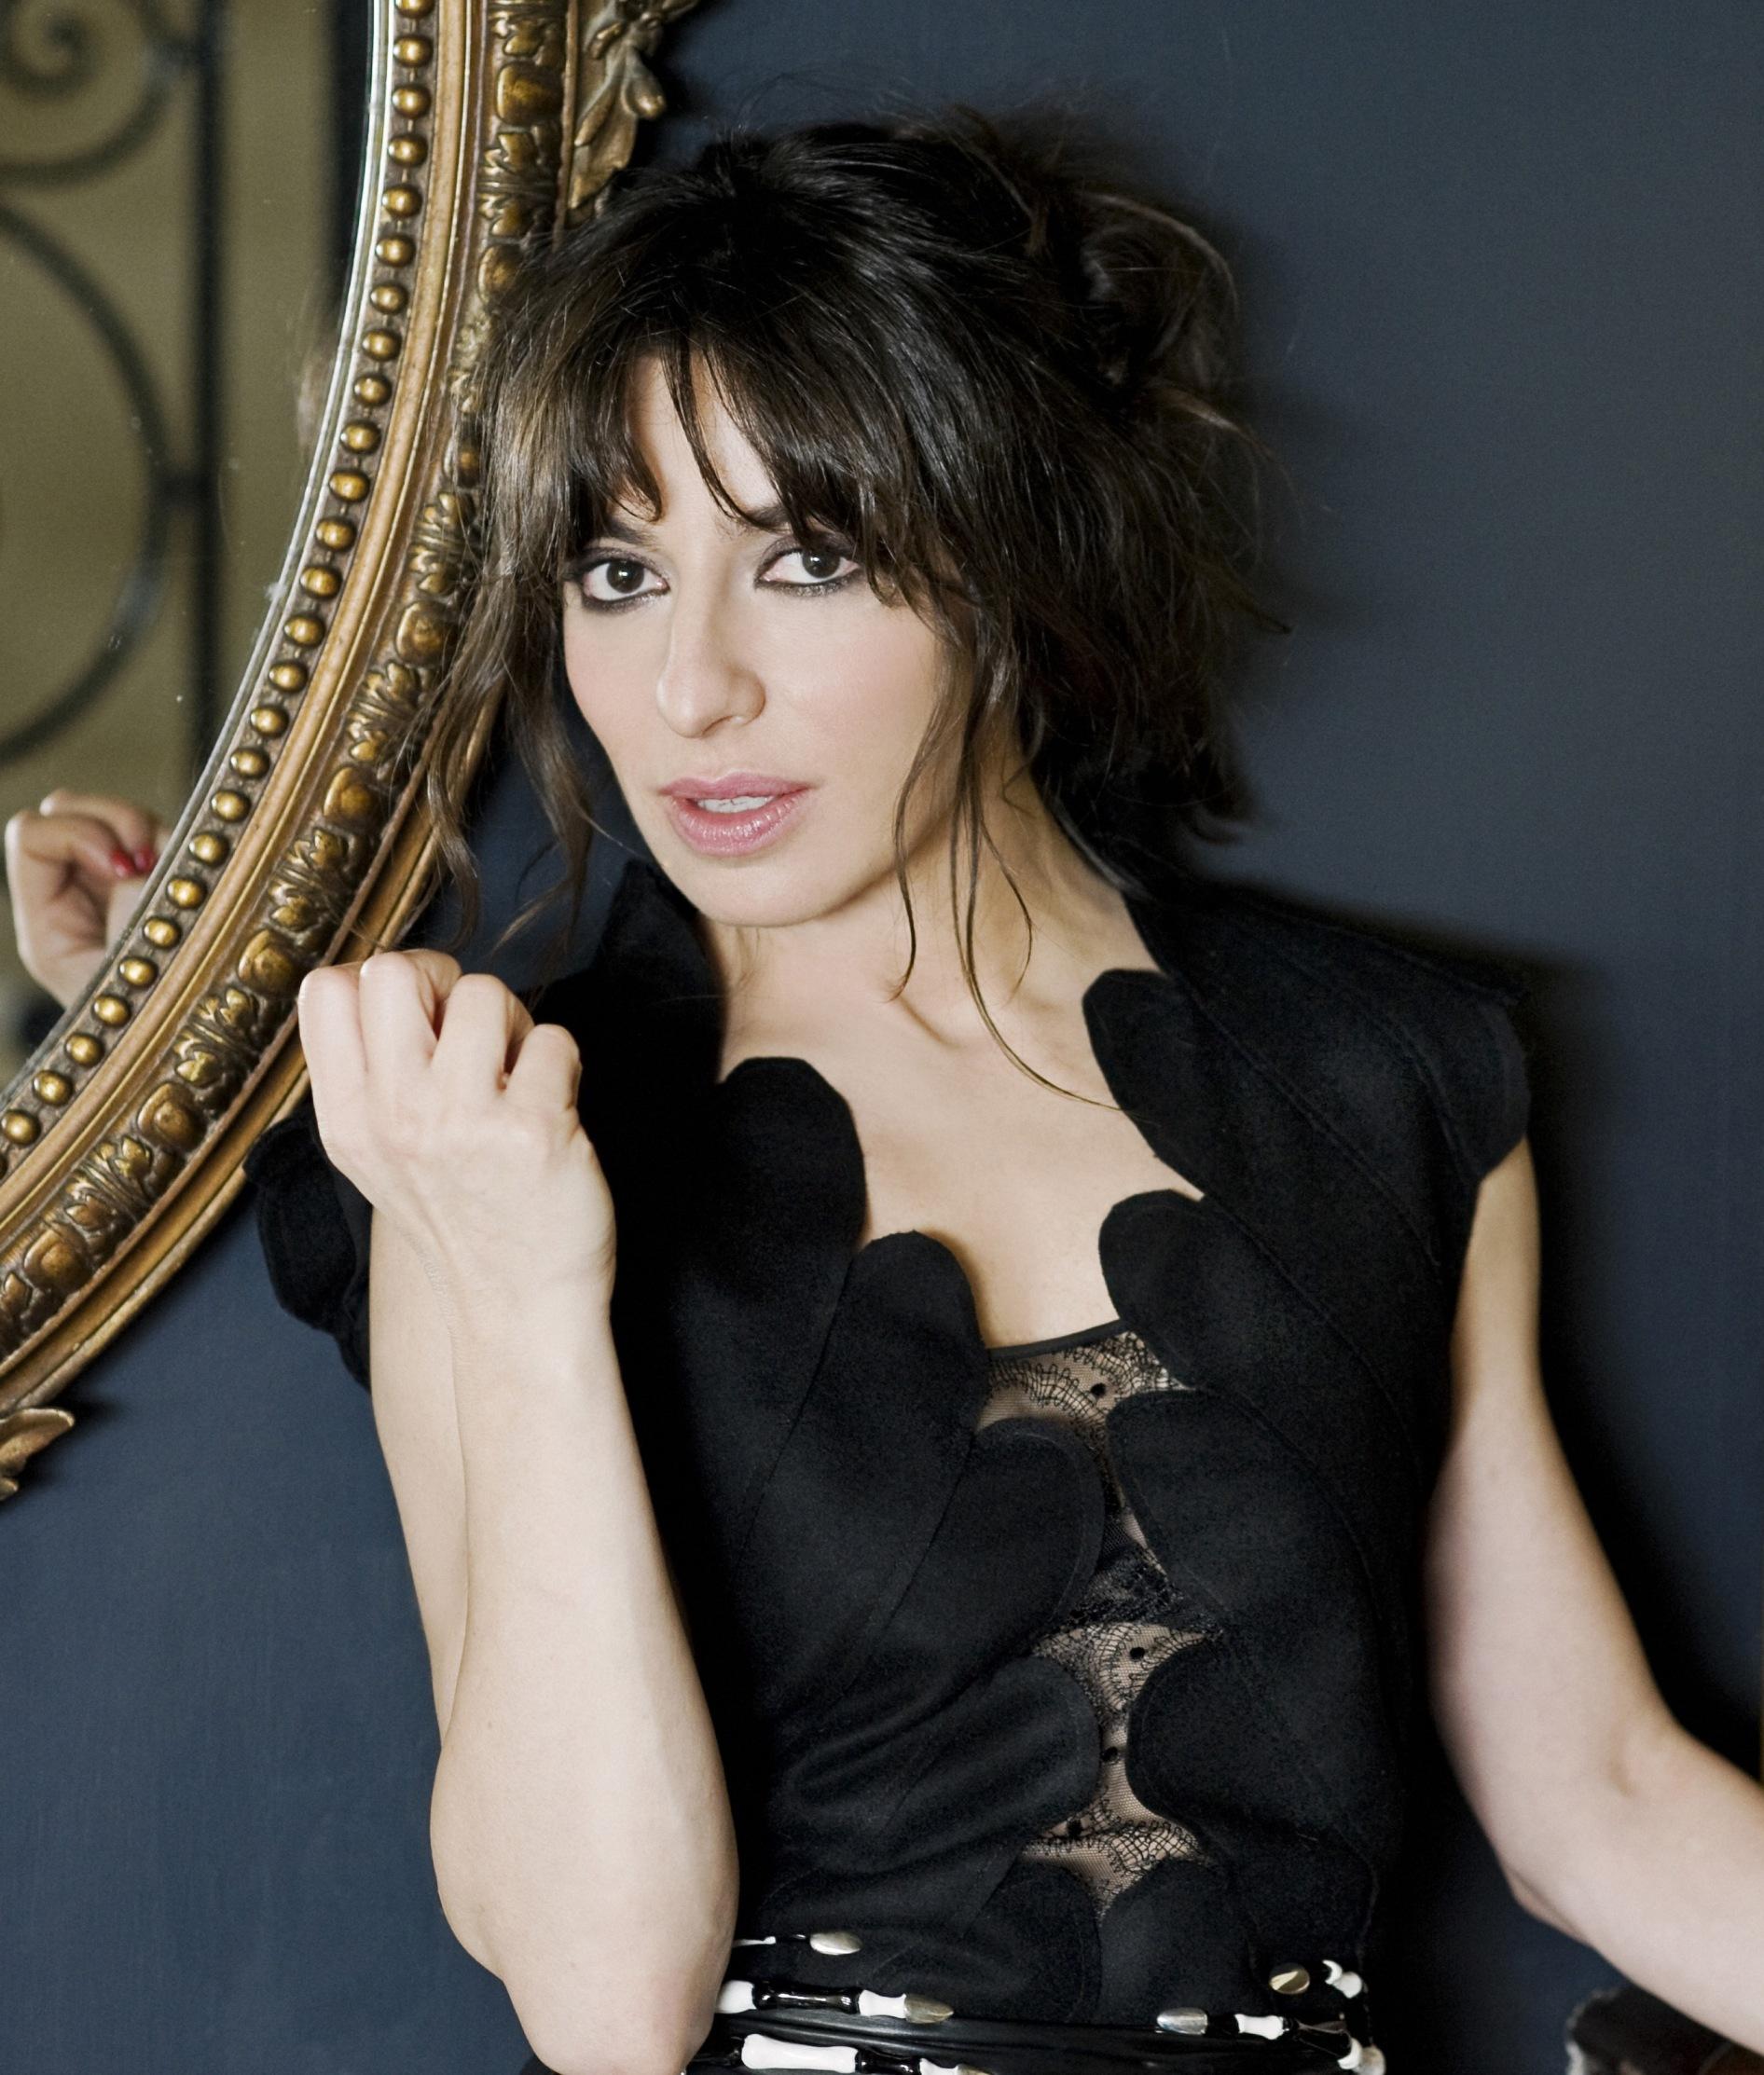 Sabrina Impacciatore - foto di Roberta Krasnig